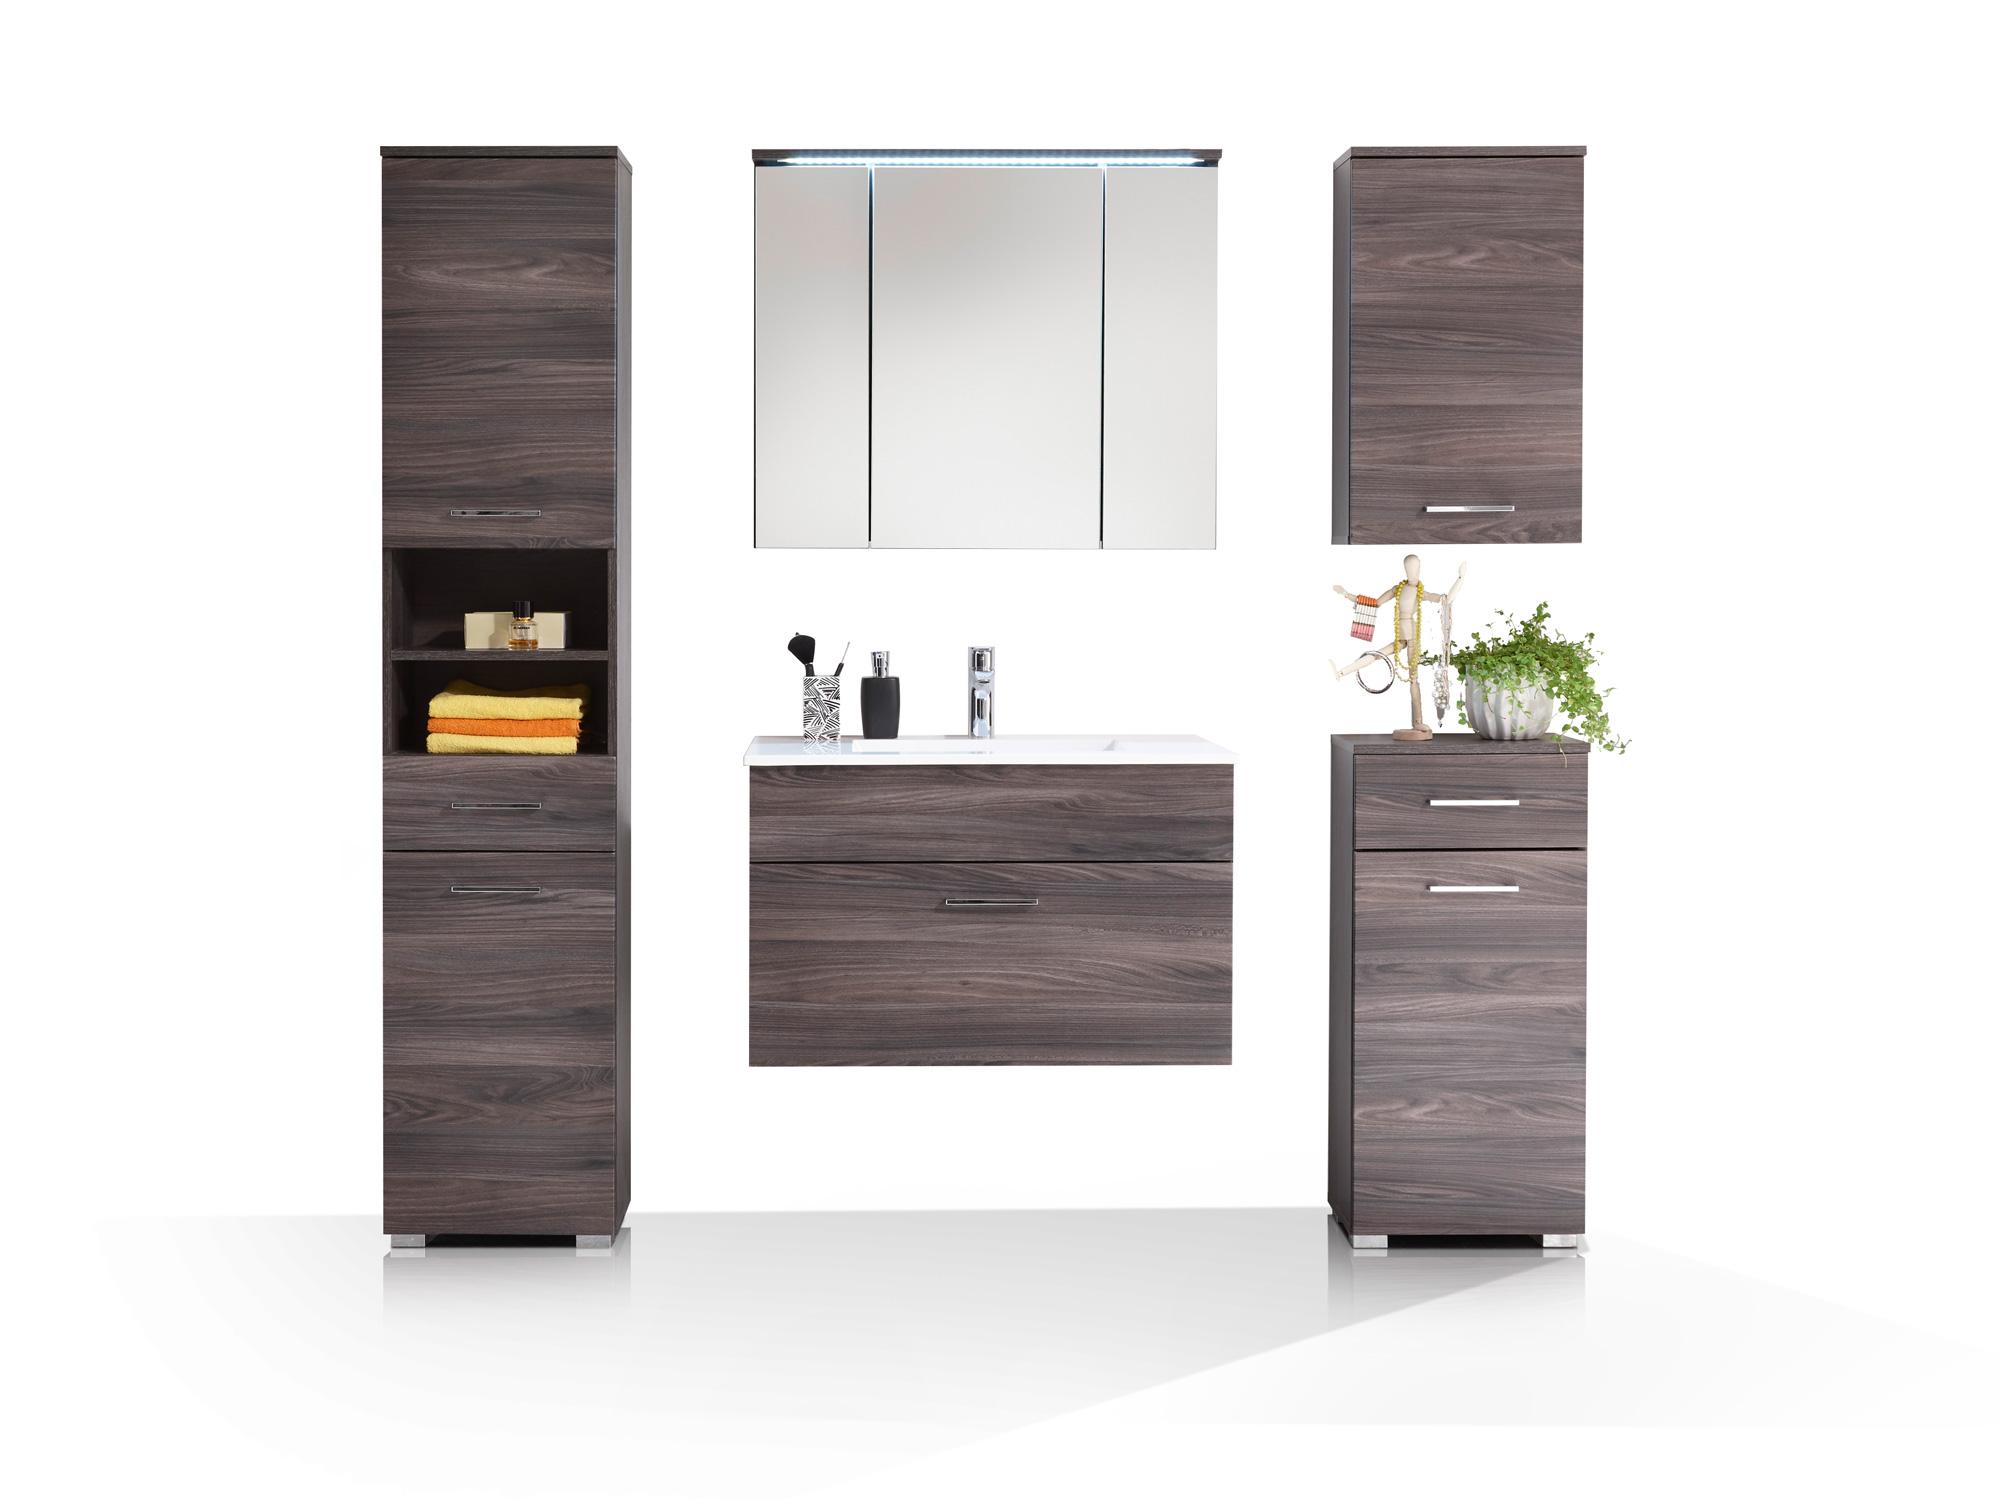 SALOME Badezimmer-Set 5tlg Sangallo Eiche Nachbildung MDF